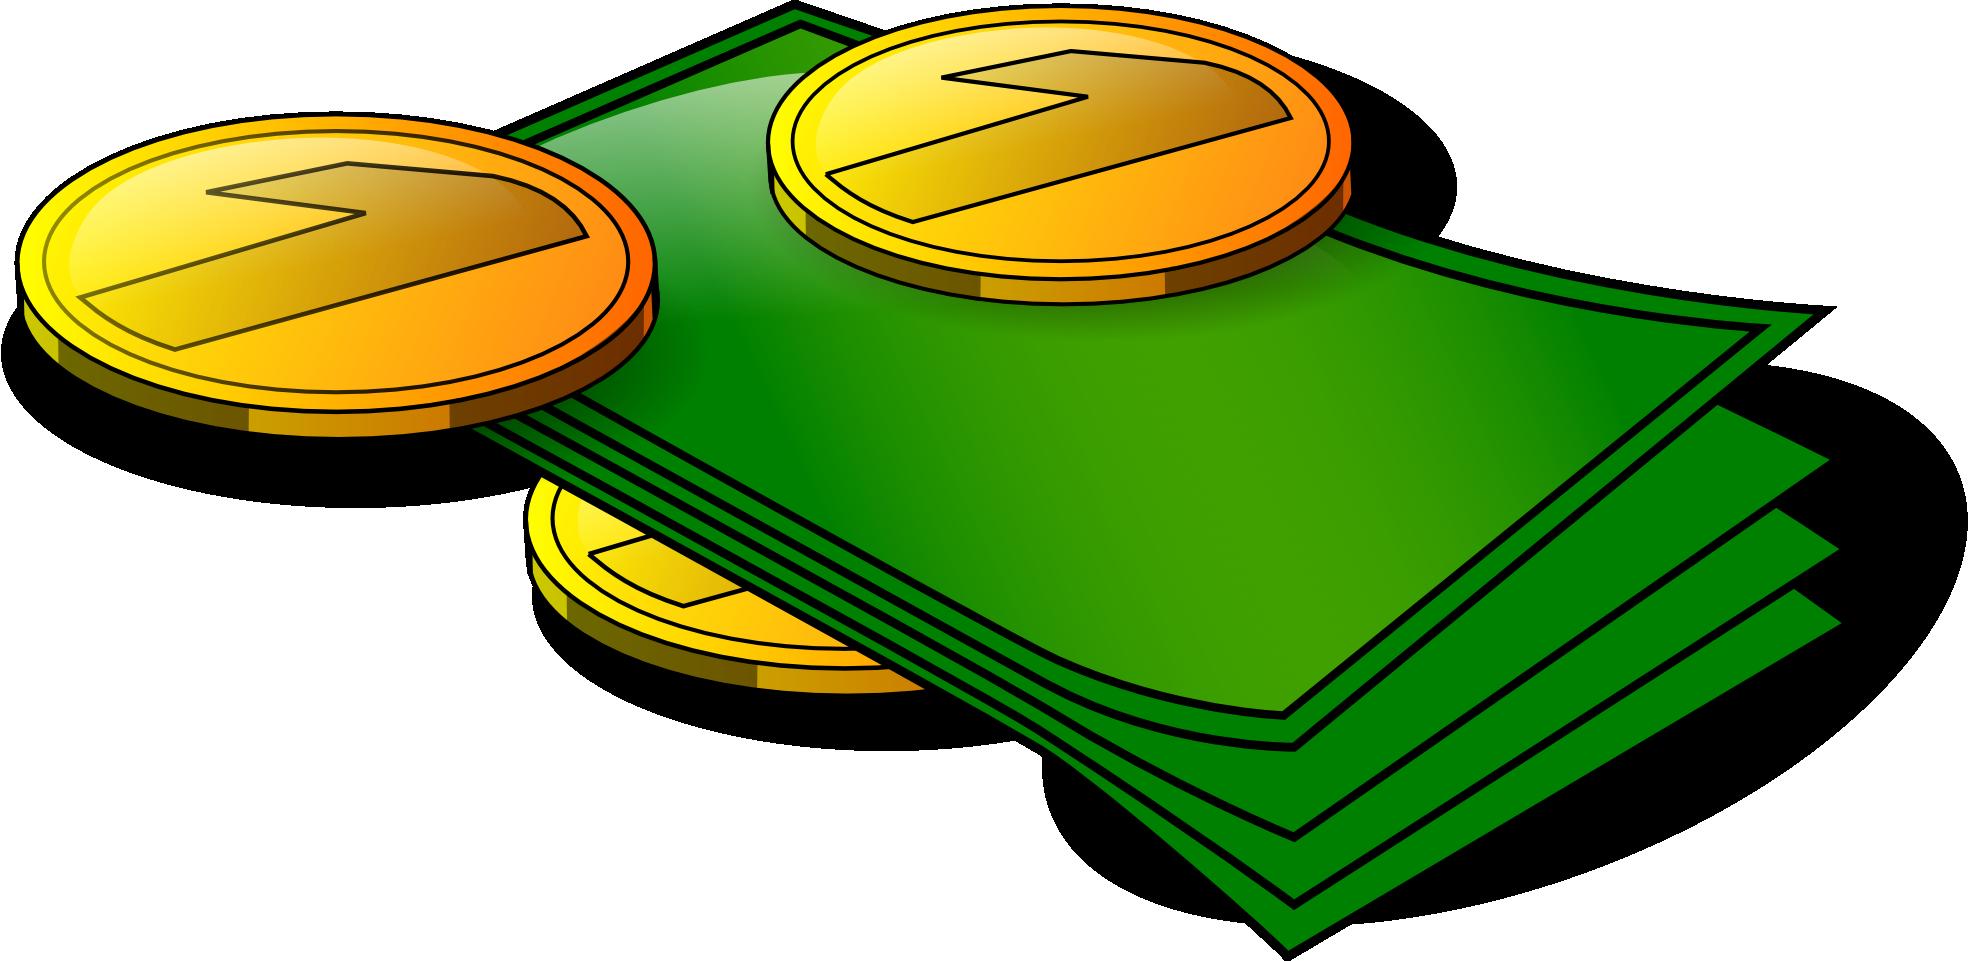 clipart money-clipart money-6